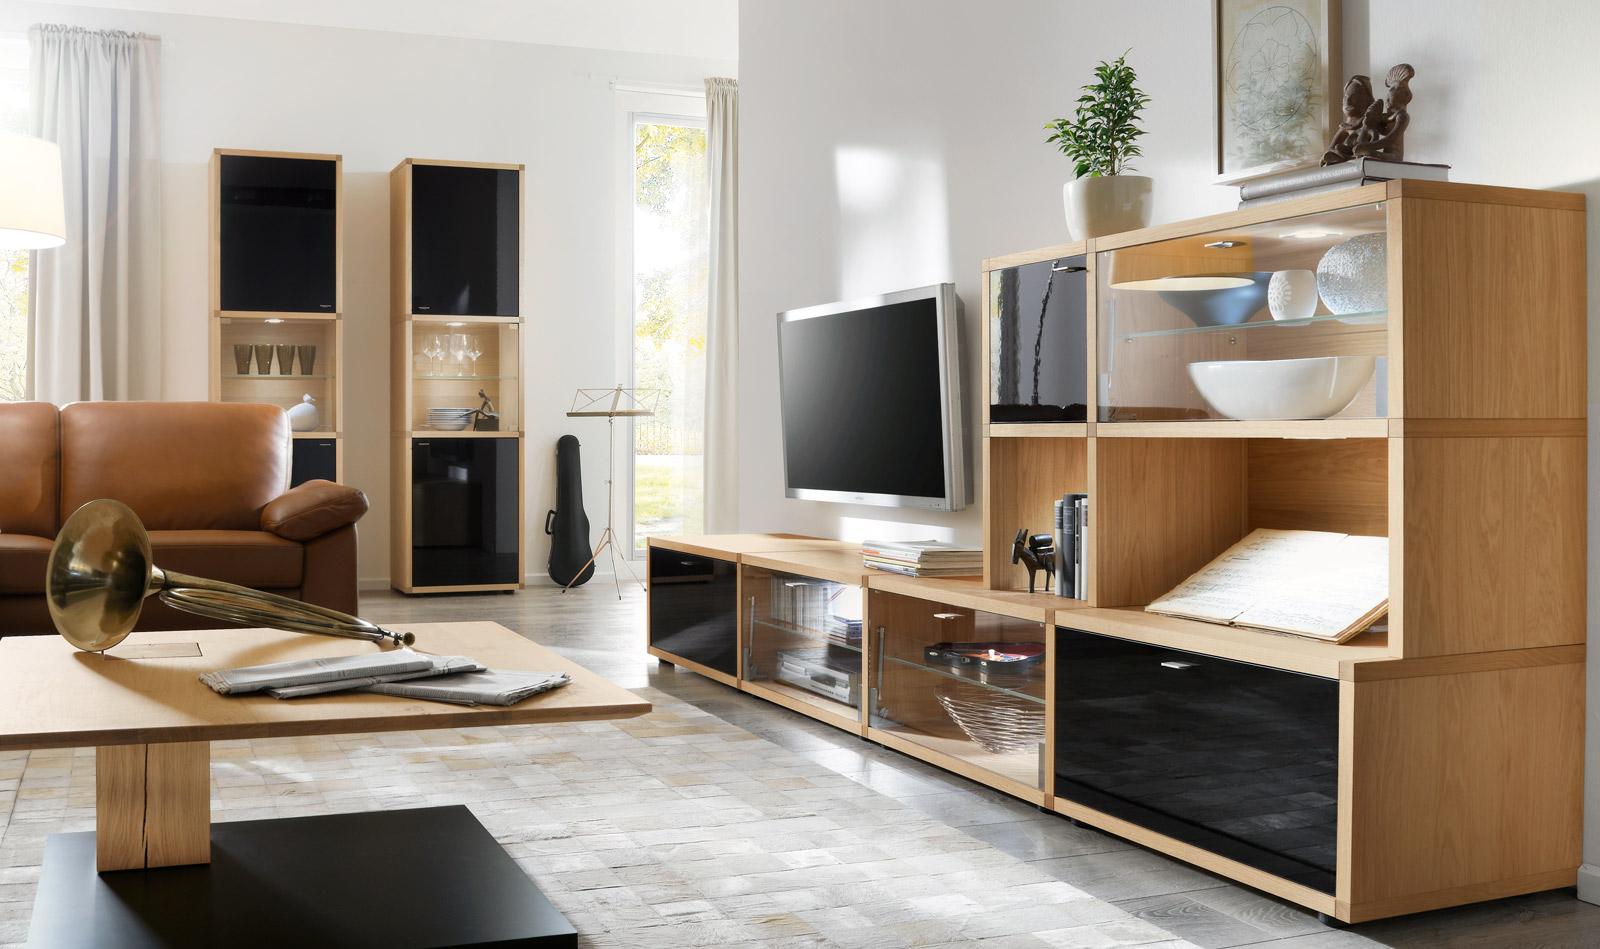 wohnzimmer programme anna venjakob m bel vorsprung durch design und qualit t. Black Bedroom Furniture Sets. Home Design Ideas